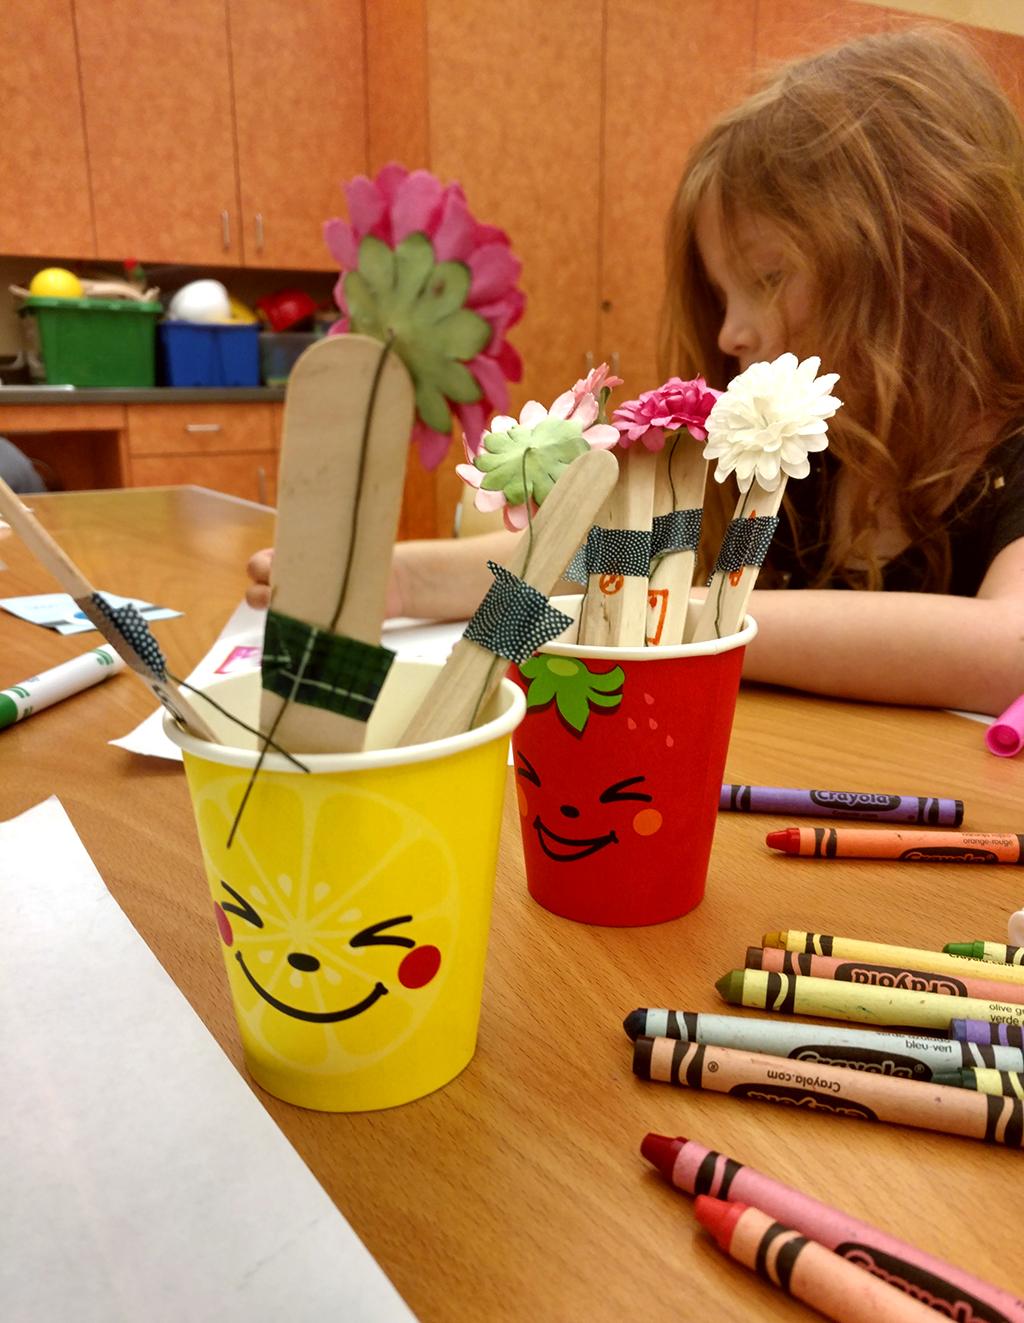 Chore flower pots